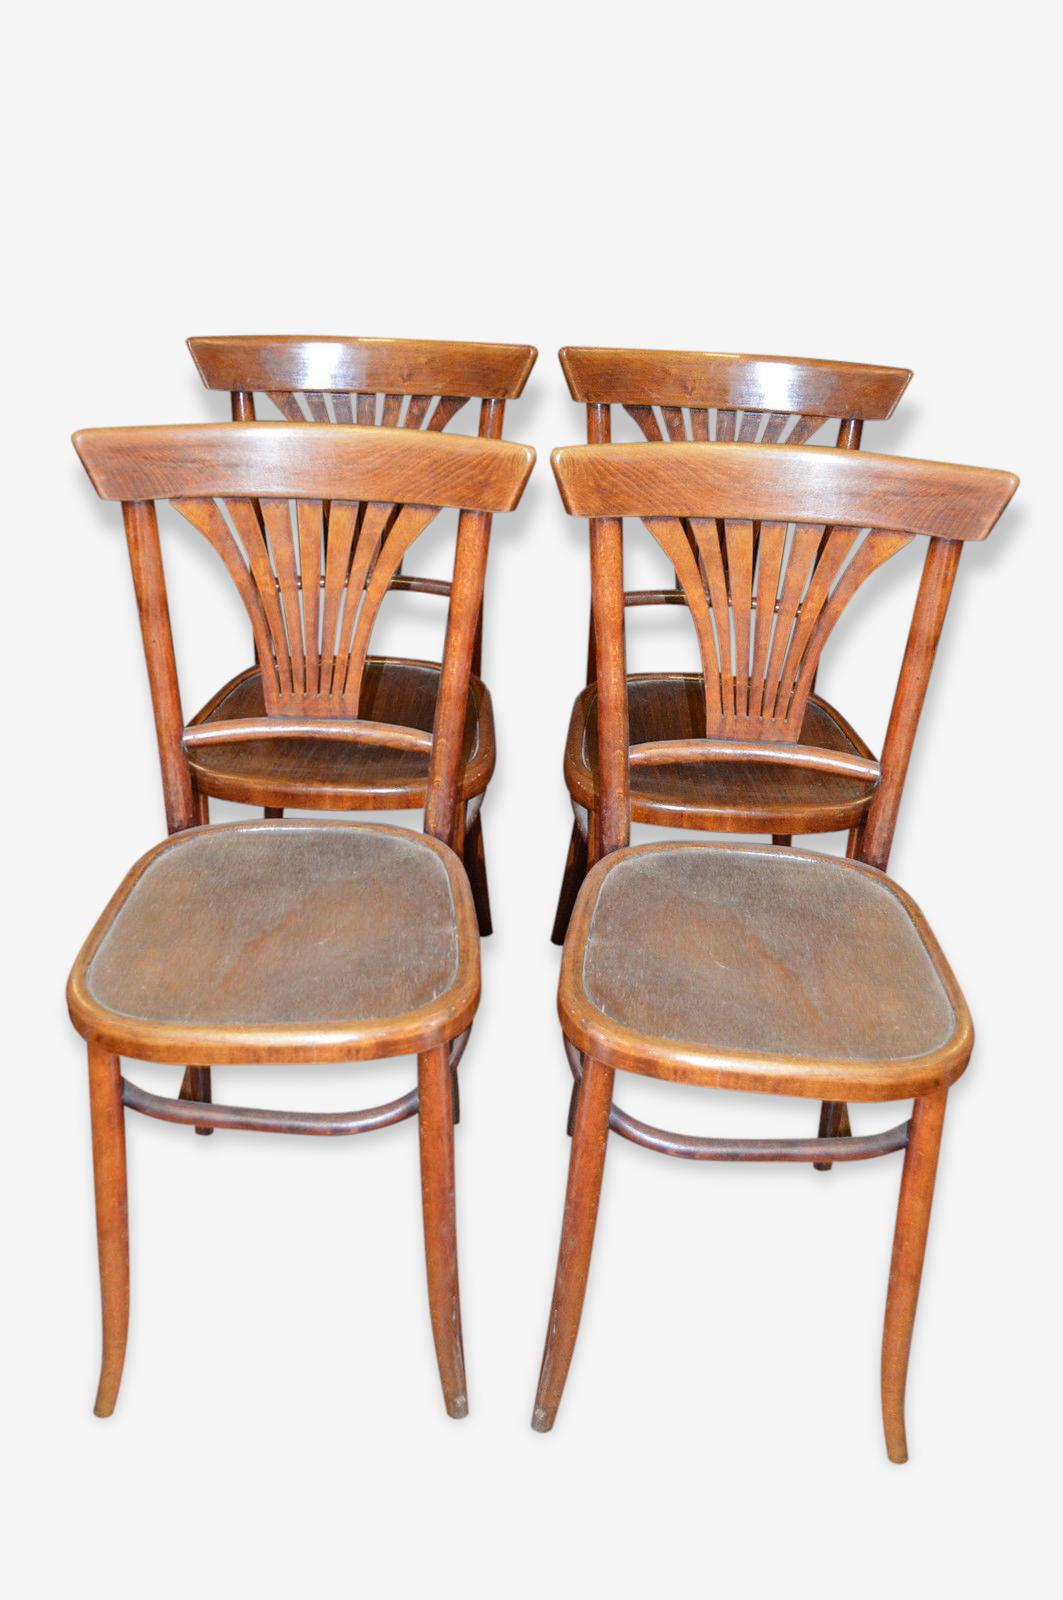 Chaises de bistrot x 4 de marque LUTERMA